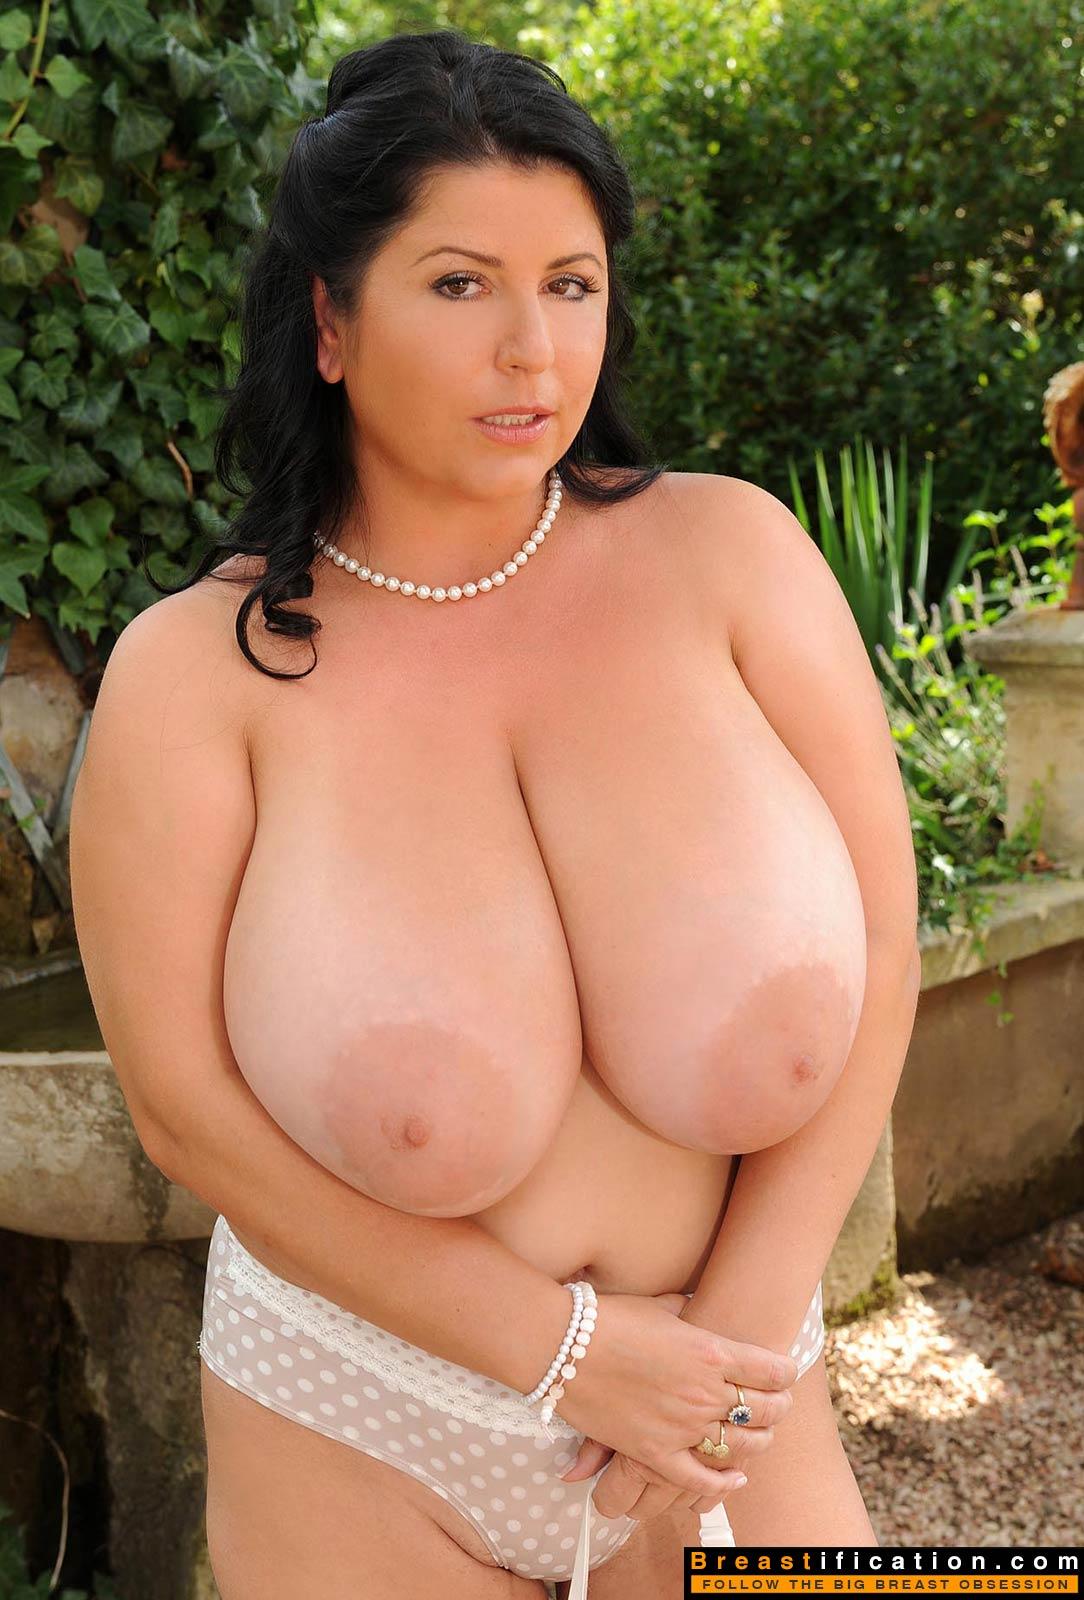 Big tits natalie